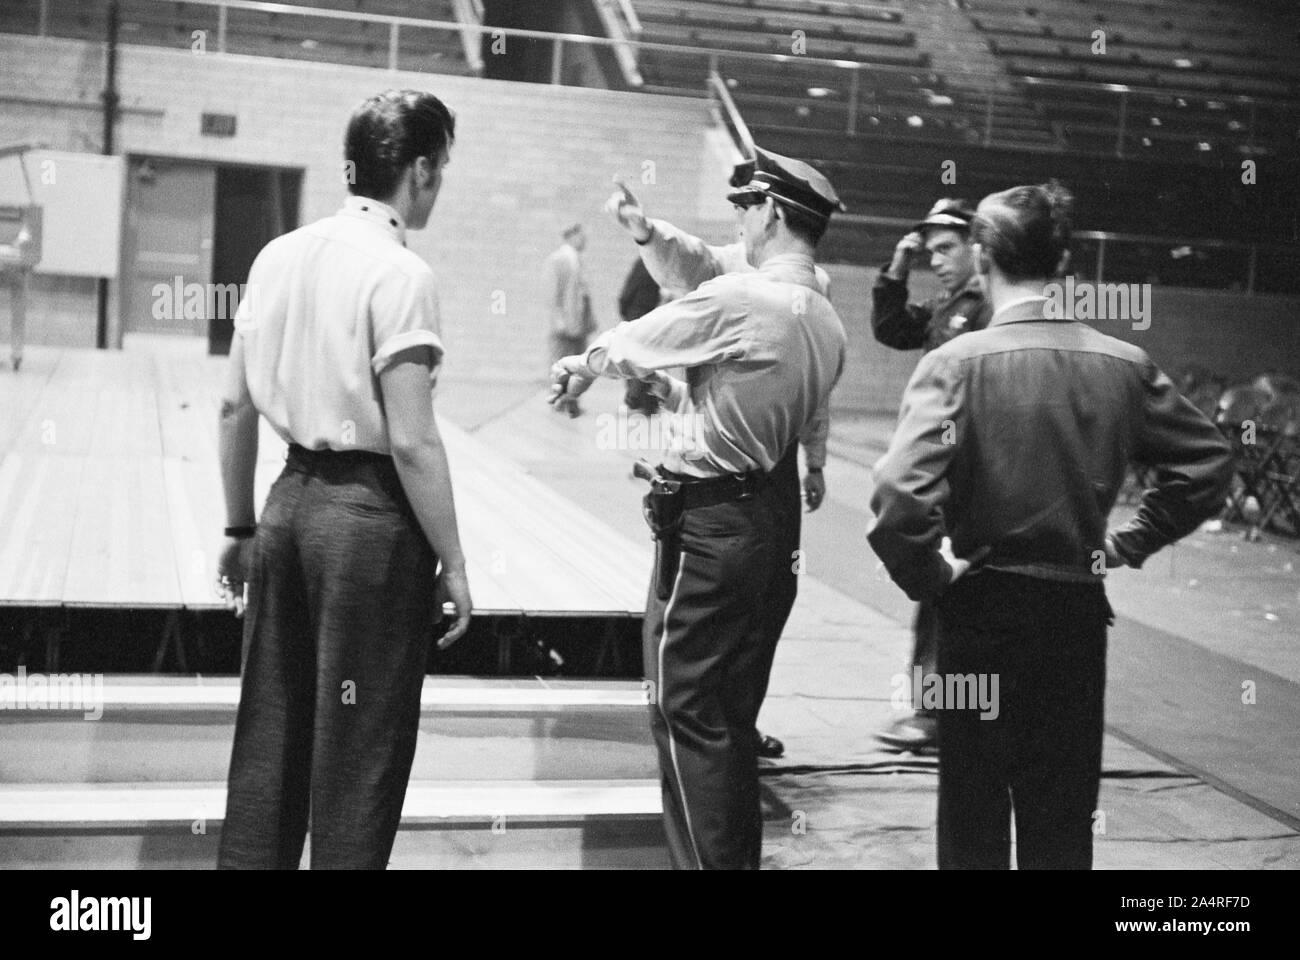 Elvis Presley parle avec les fonctionnaires de police à l'Université de Dayton Fieldhouse, le 27 mai 1956. Banque D'Images